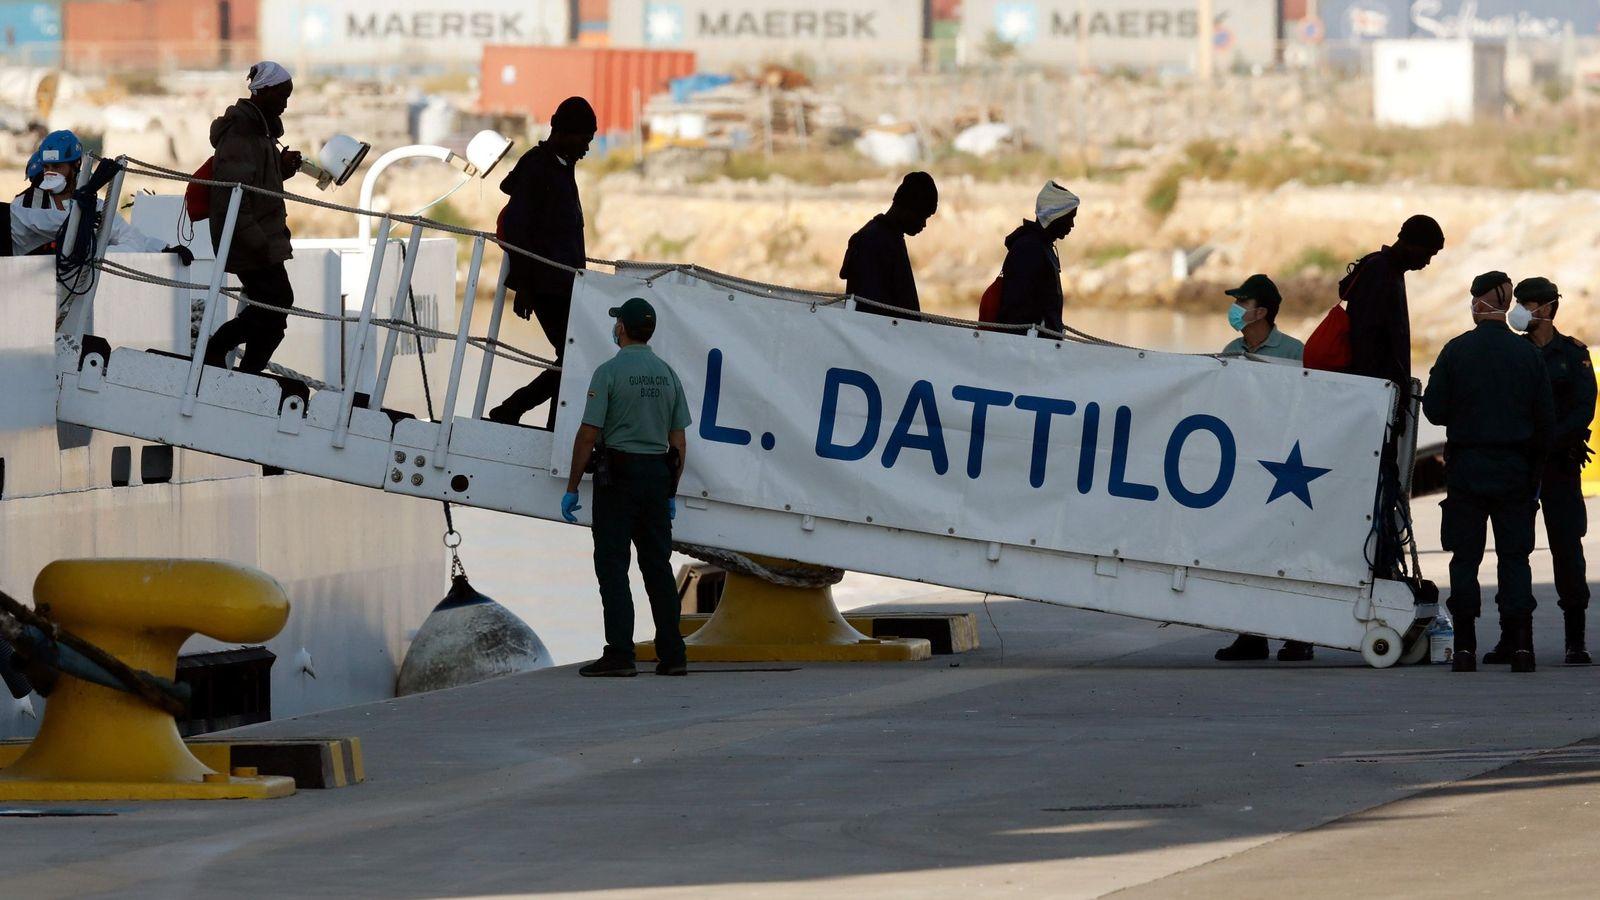 Foto: El Dattilo atraca en Valencia con 274 de los 630 inmigrantes del Aquarius. (EFE)